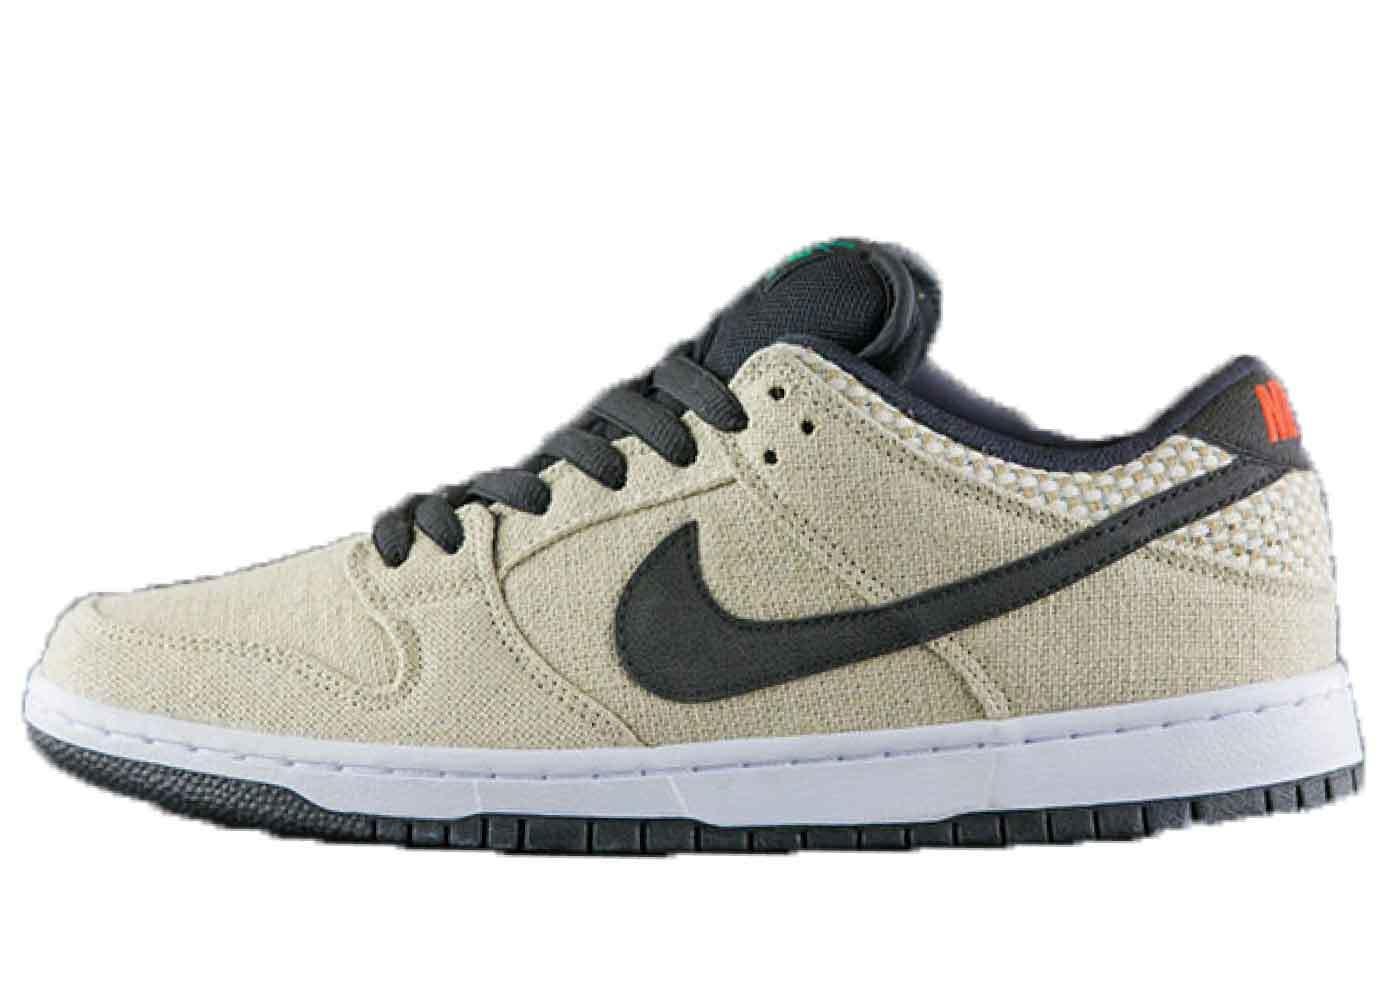 Nike SB Dunk Low 420の写真